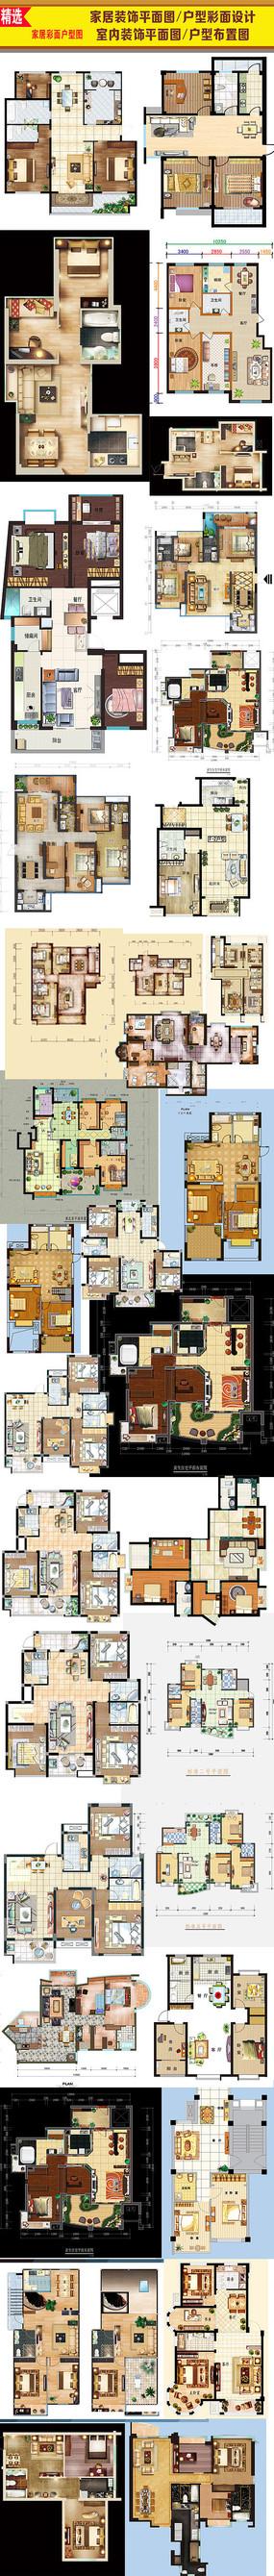 家居装饰平面图 户型彩面设计